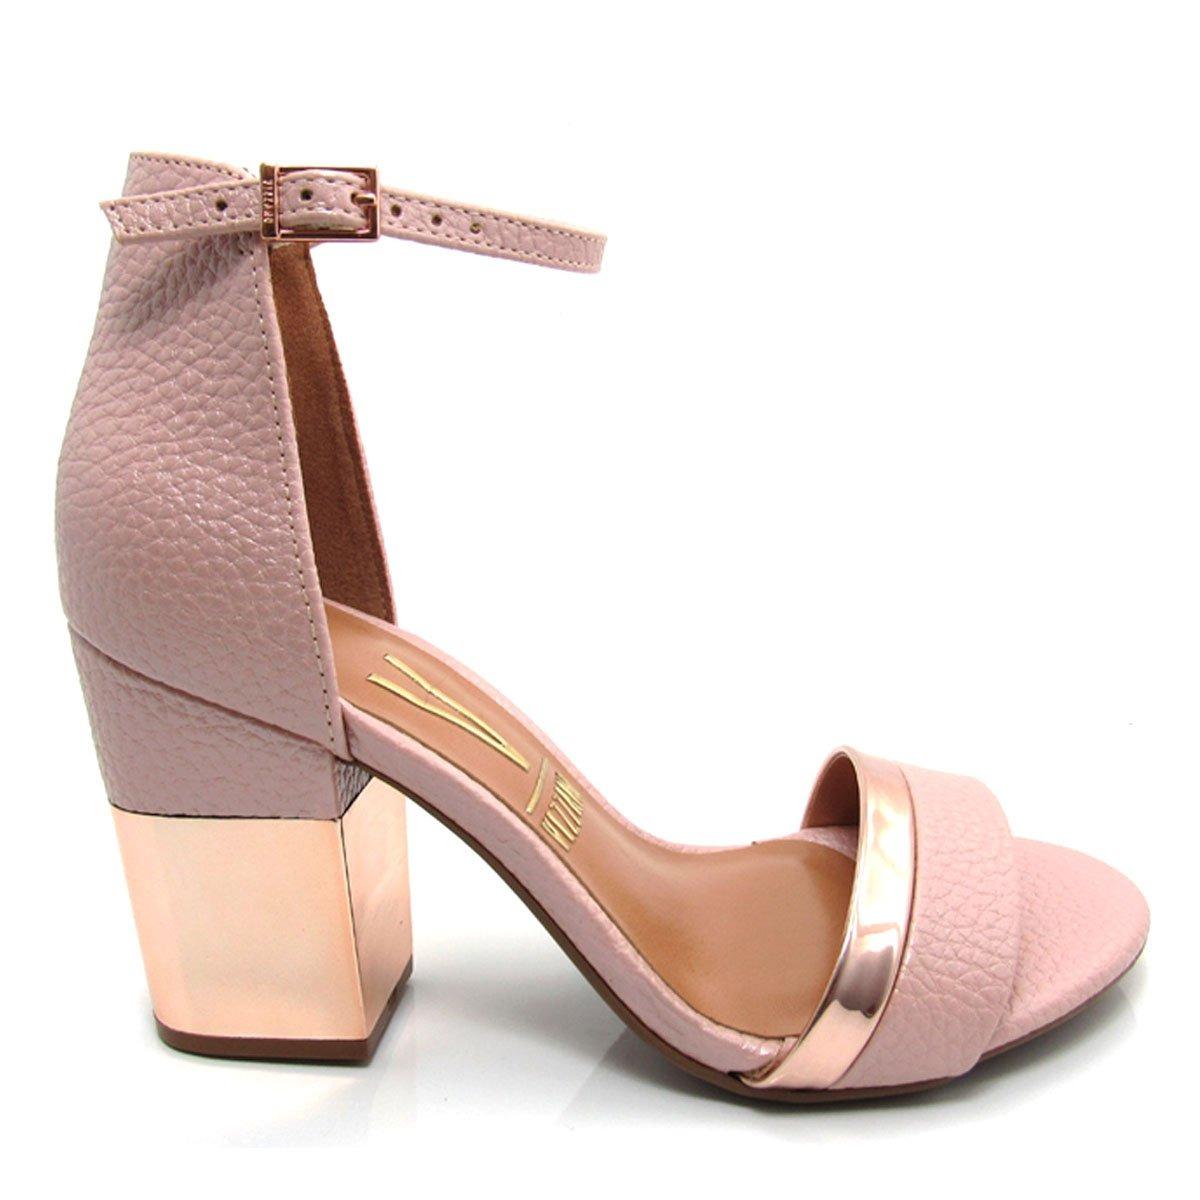 ec2c43934 sandália feminina vizzano 6357201 salto grosso rosa, preta. Carregando zoom.